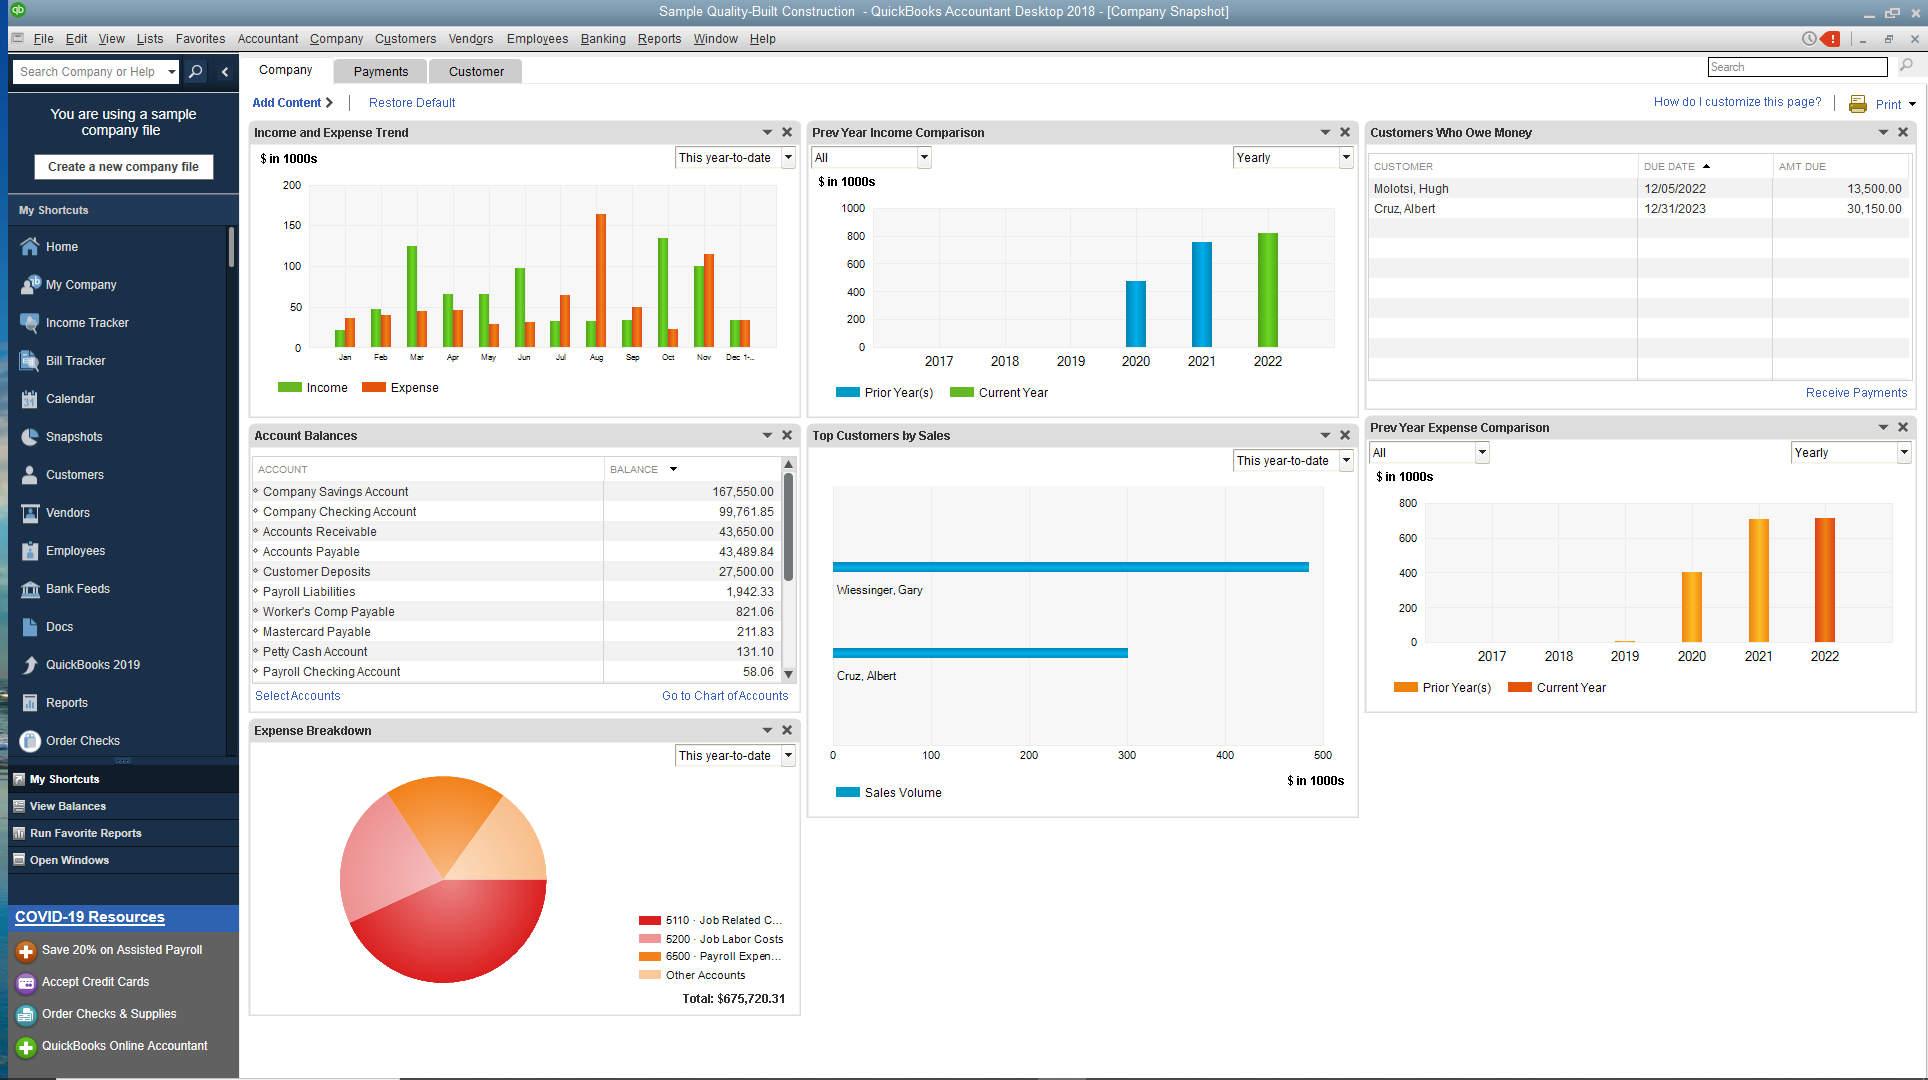 QuickBooks company snapshot screenshot